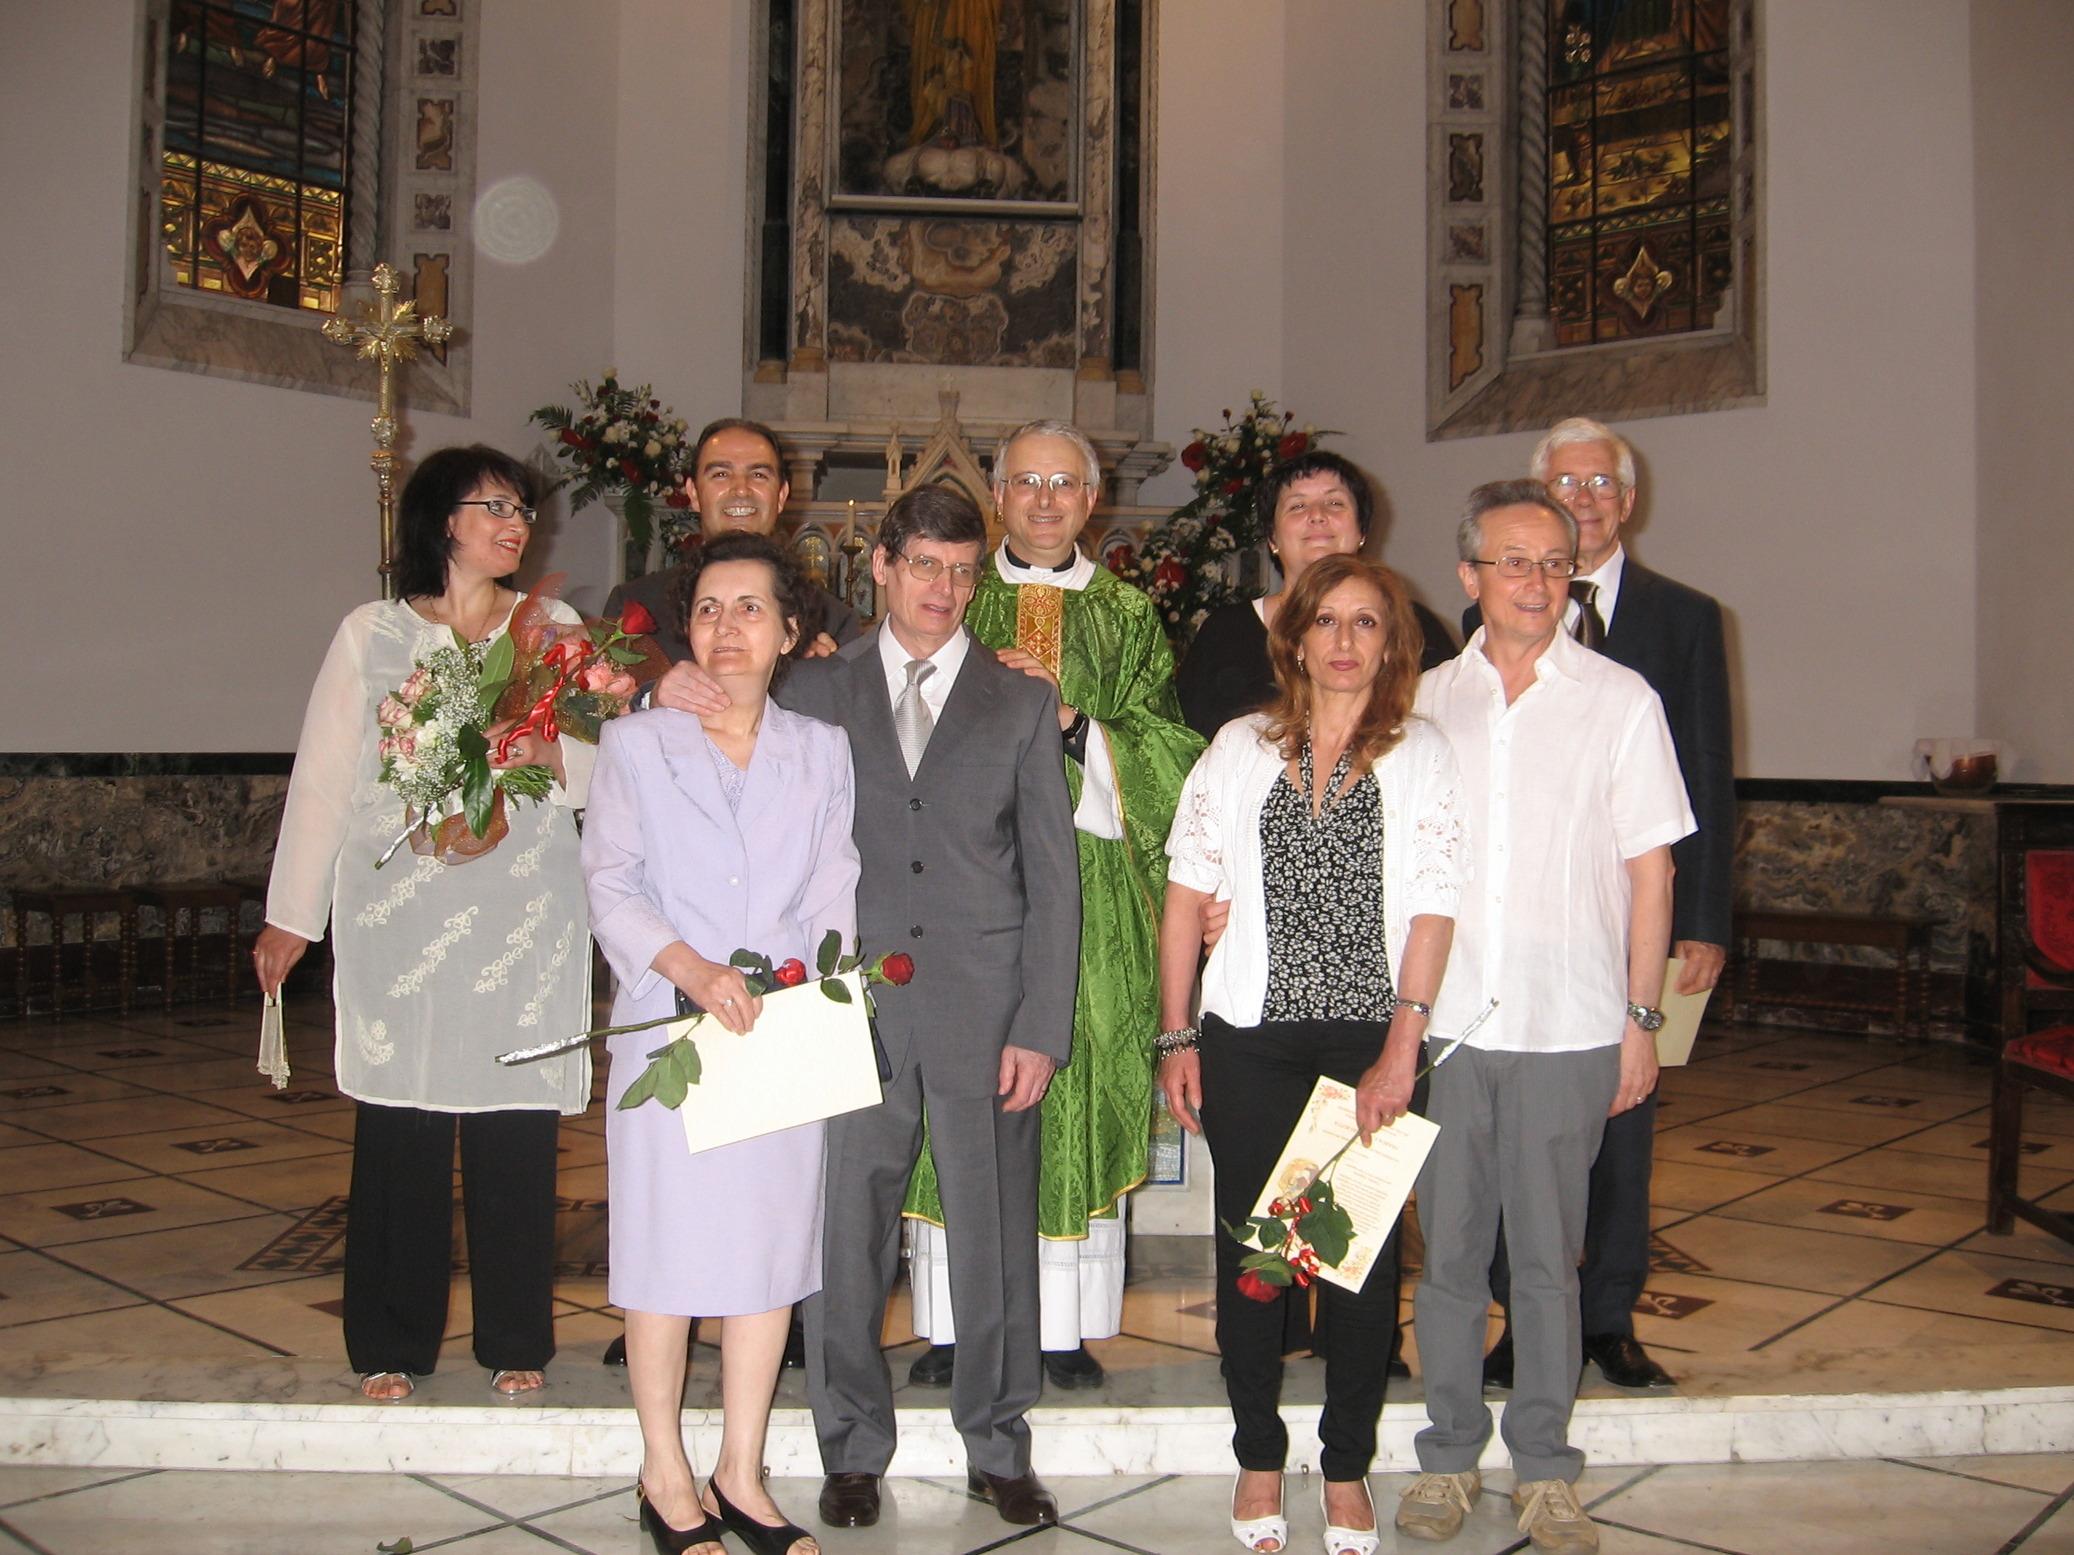 Anniversari_Matrimonio_2010-06-13--12.23.32